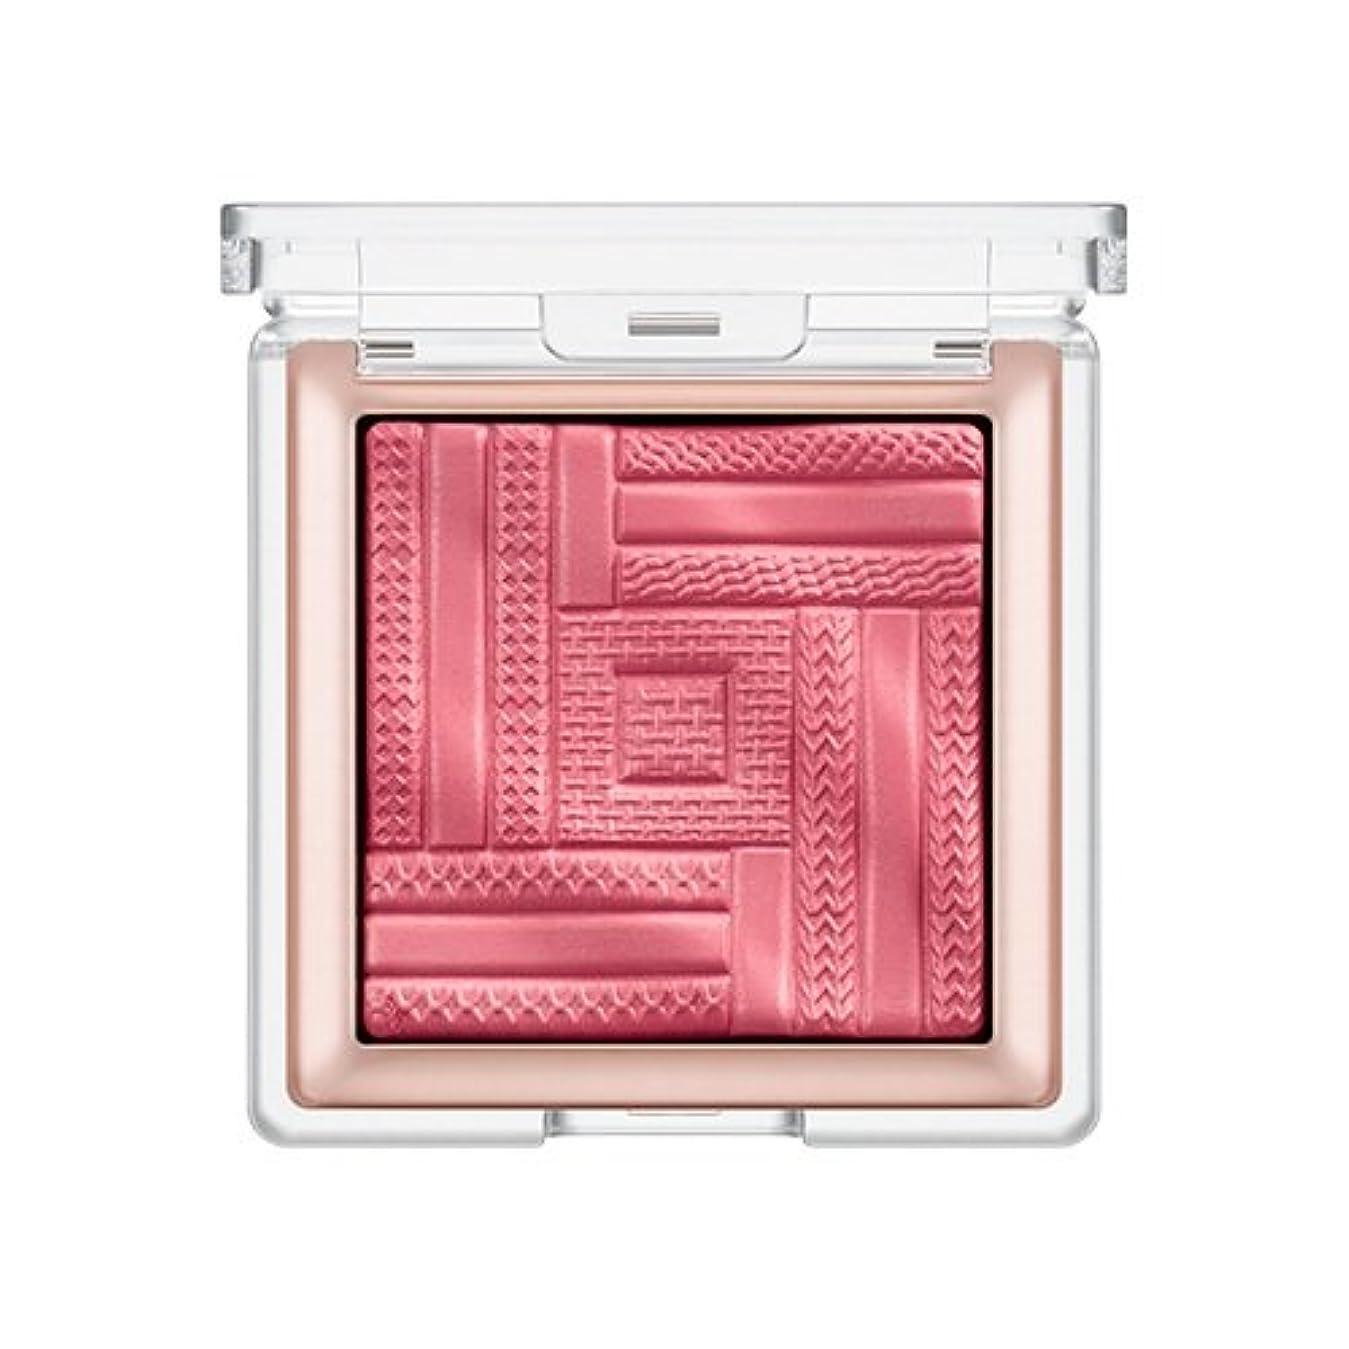 イベント反発地中海MISSHA Satin Ital Prism Blusher (# Rose Boutique) / ミシャ サテンイタルプリズム チーク ブラッシャー [並行輸入品]